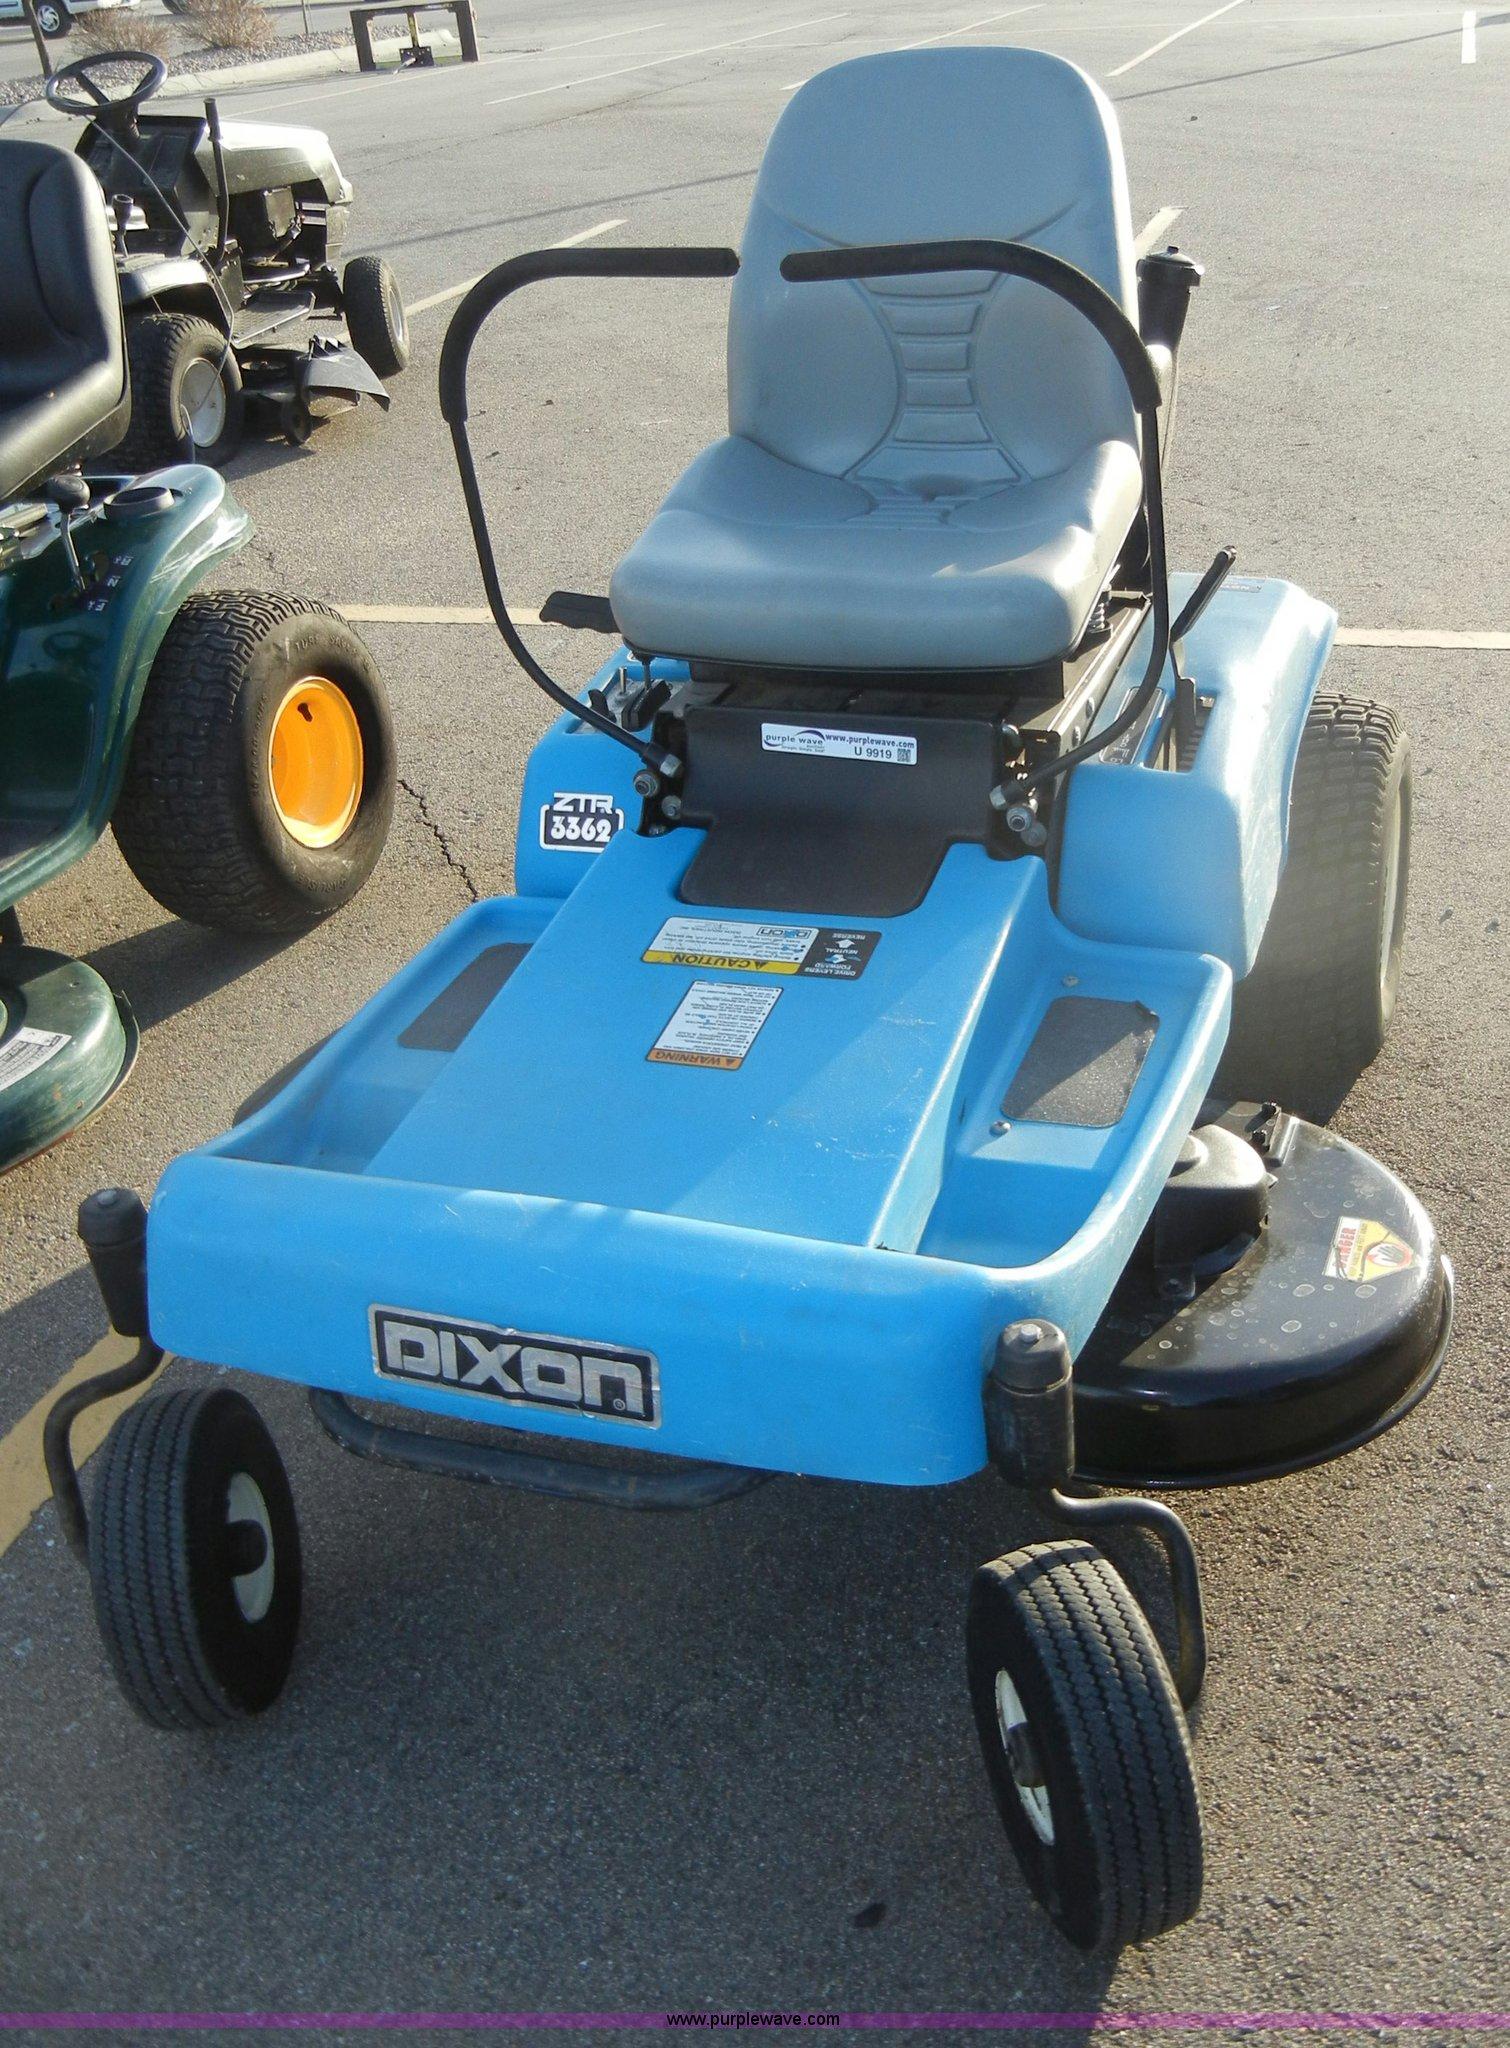 Dixon 3362 Ztr Lawn Mower Item U9919 Sold April 4 Midwe Wiring Diagram Full Size In New Window